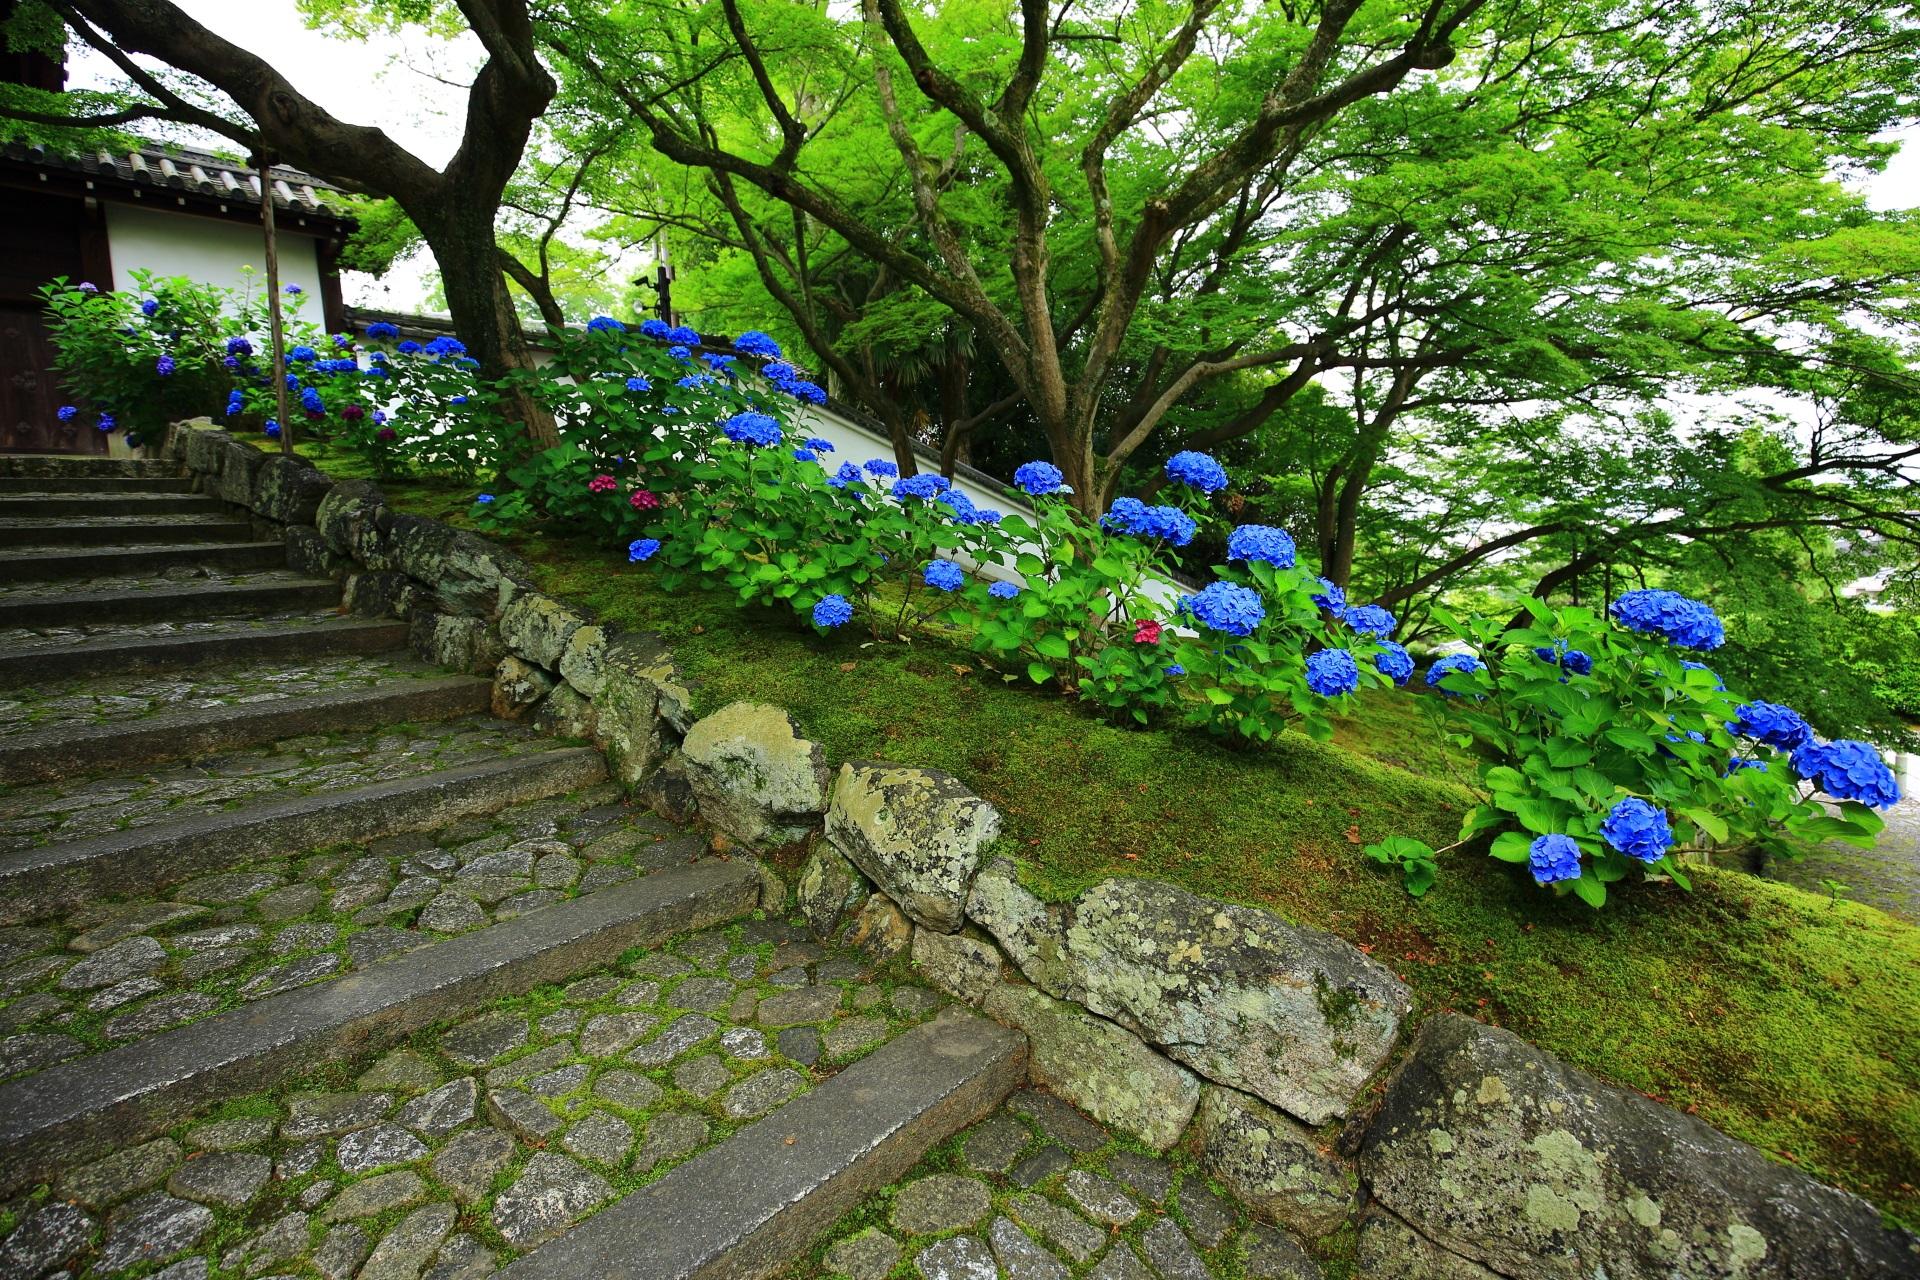 黒門坂のU字の中に植えられるもみじや苔や紫陽花